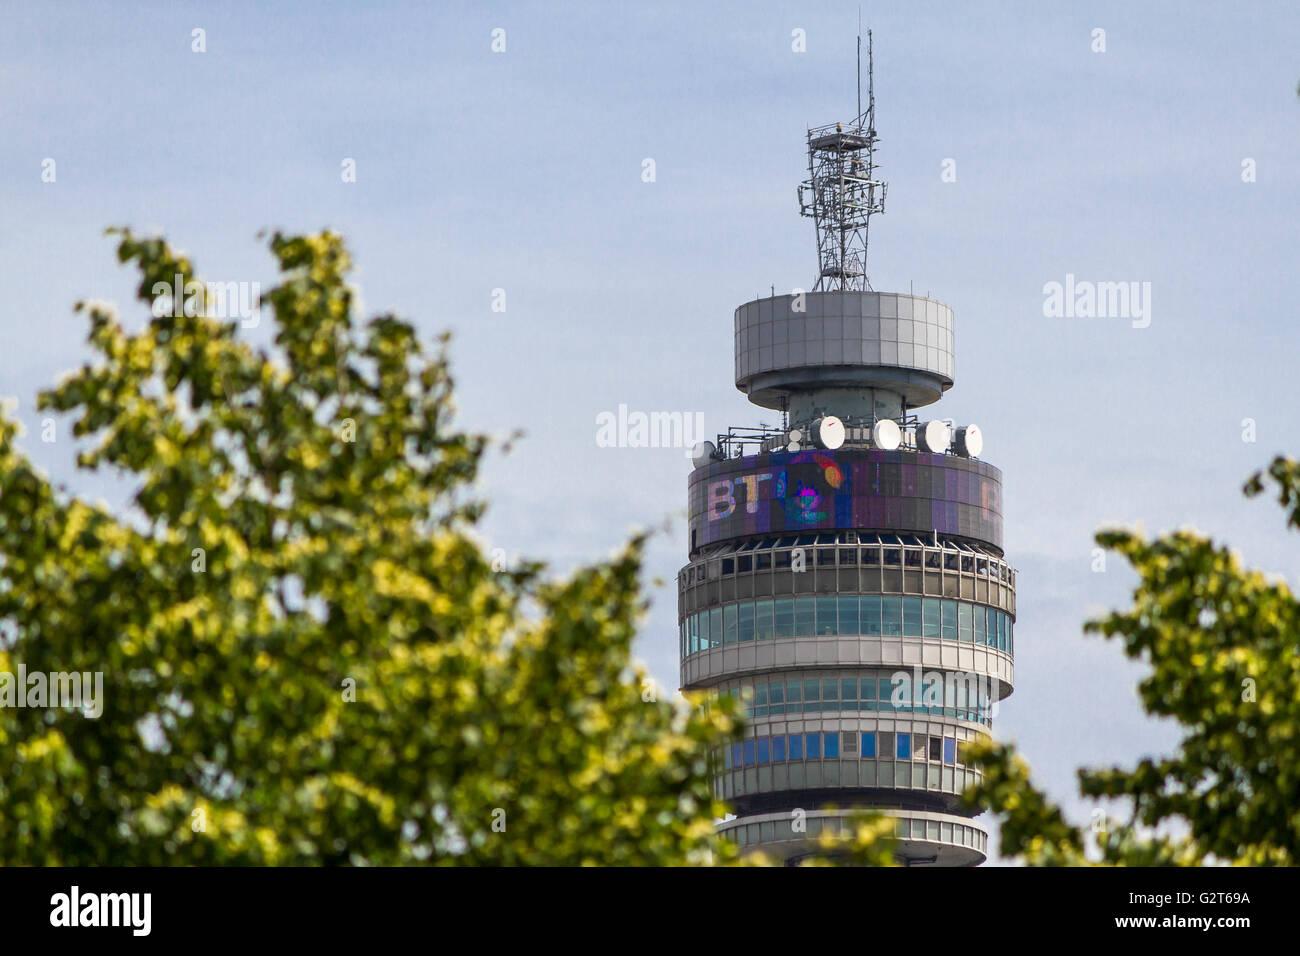 Die BT-Turm, der früher als Der Post Tower, die durch die Bäume im Regents Park, London, UK gesehen bekannt Stockbild